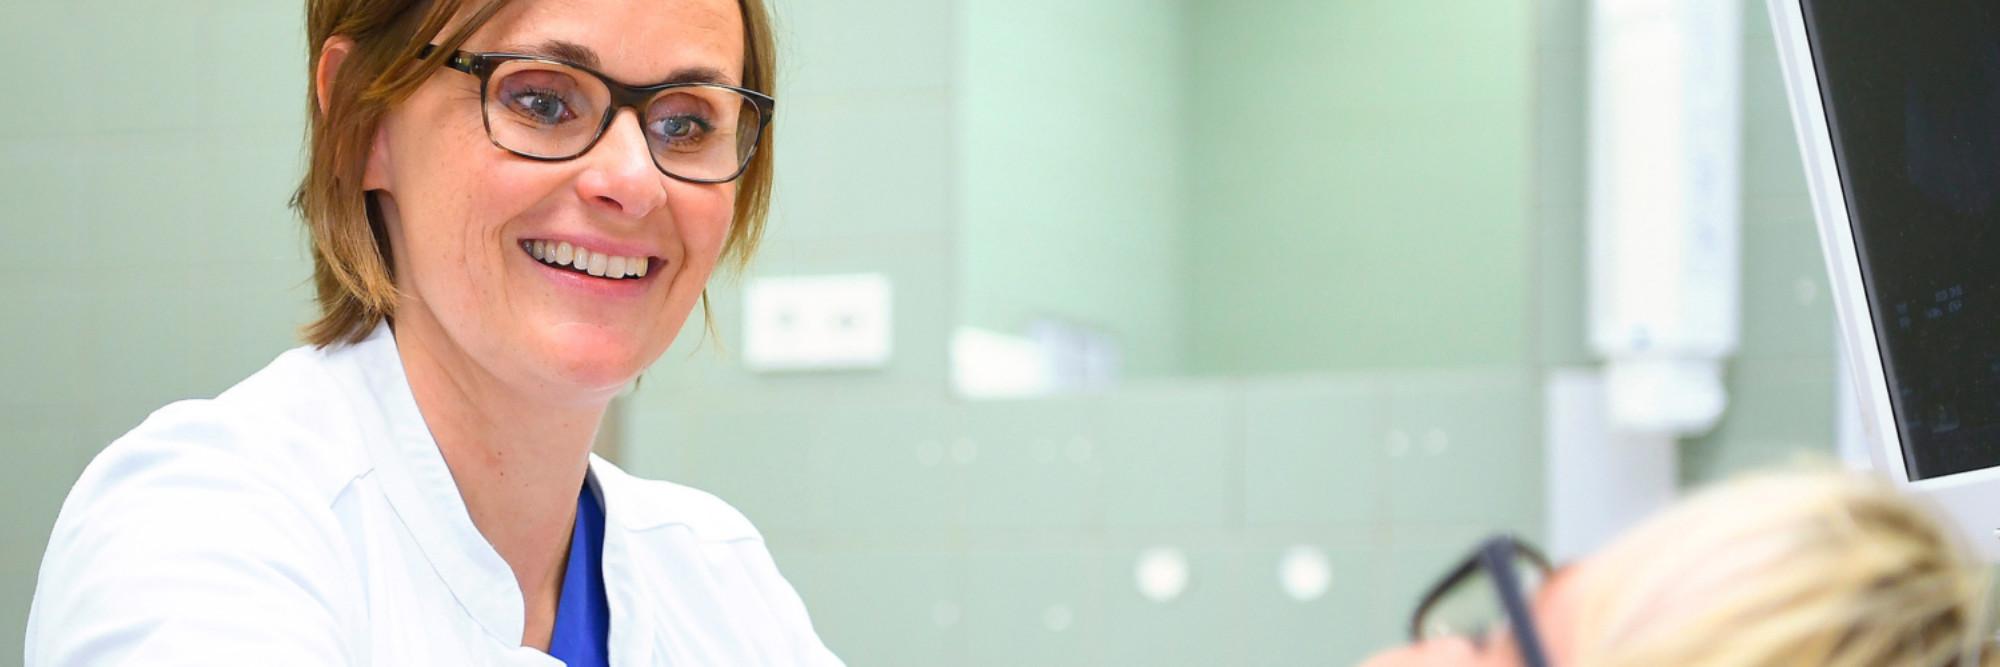 Oberärztin Stefanie Untiedt bei der Untersuchung einer liegenden Patientin.